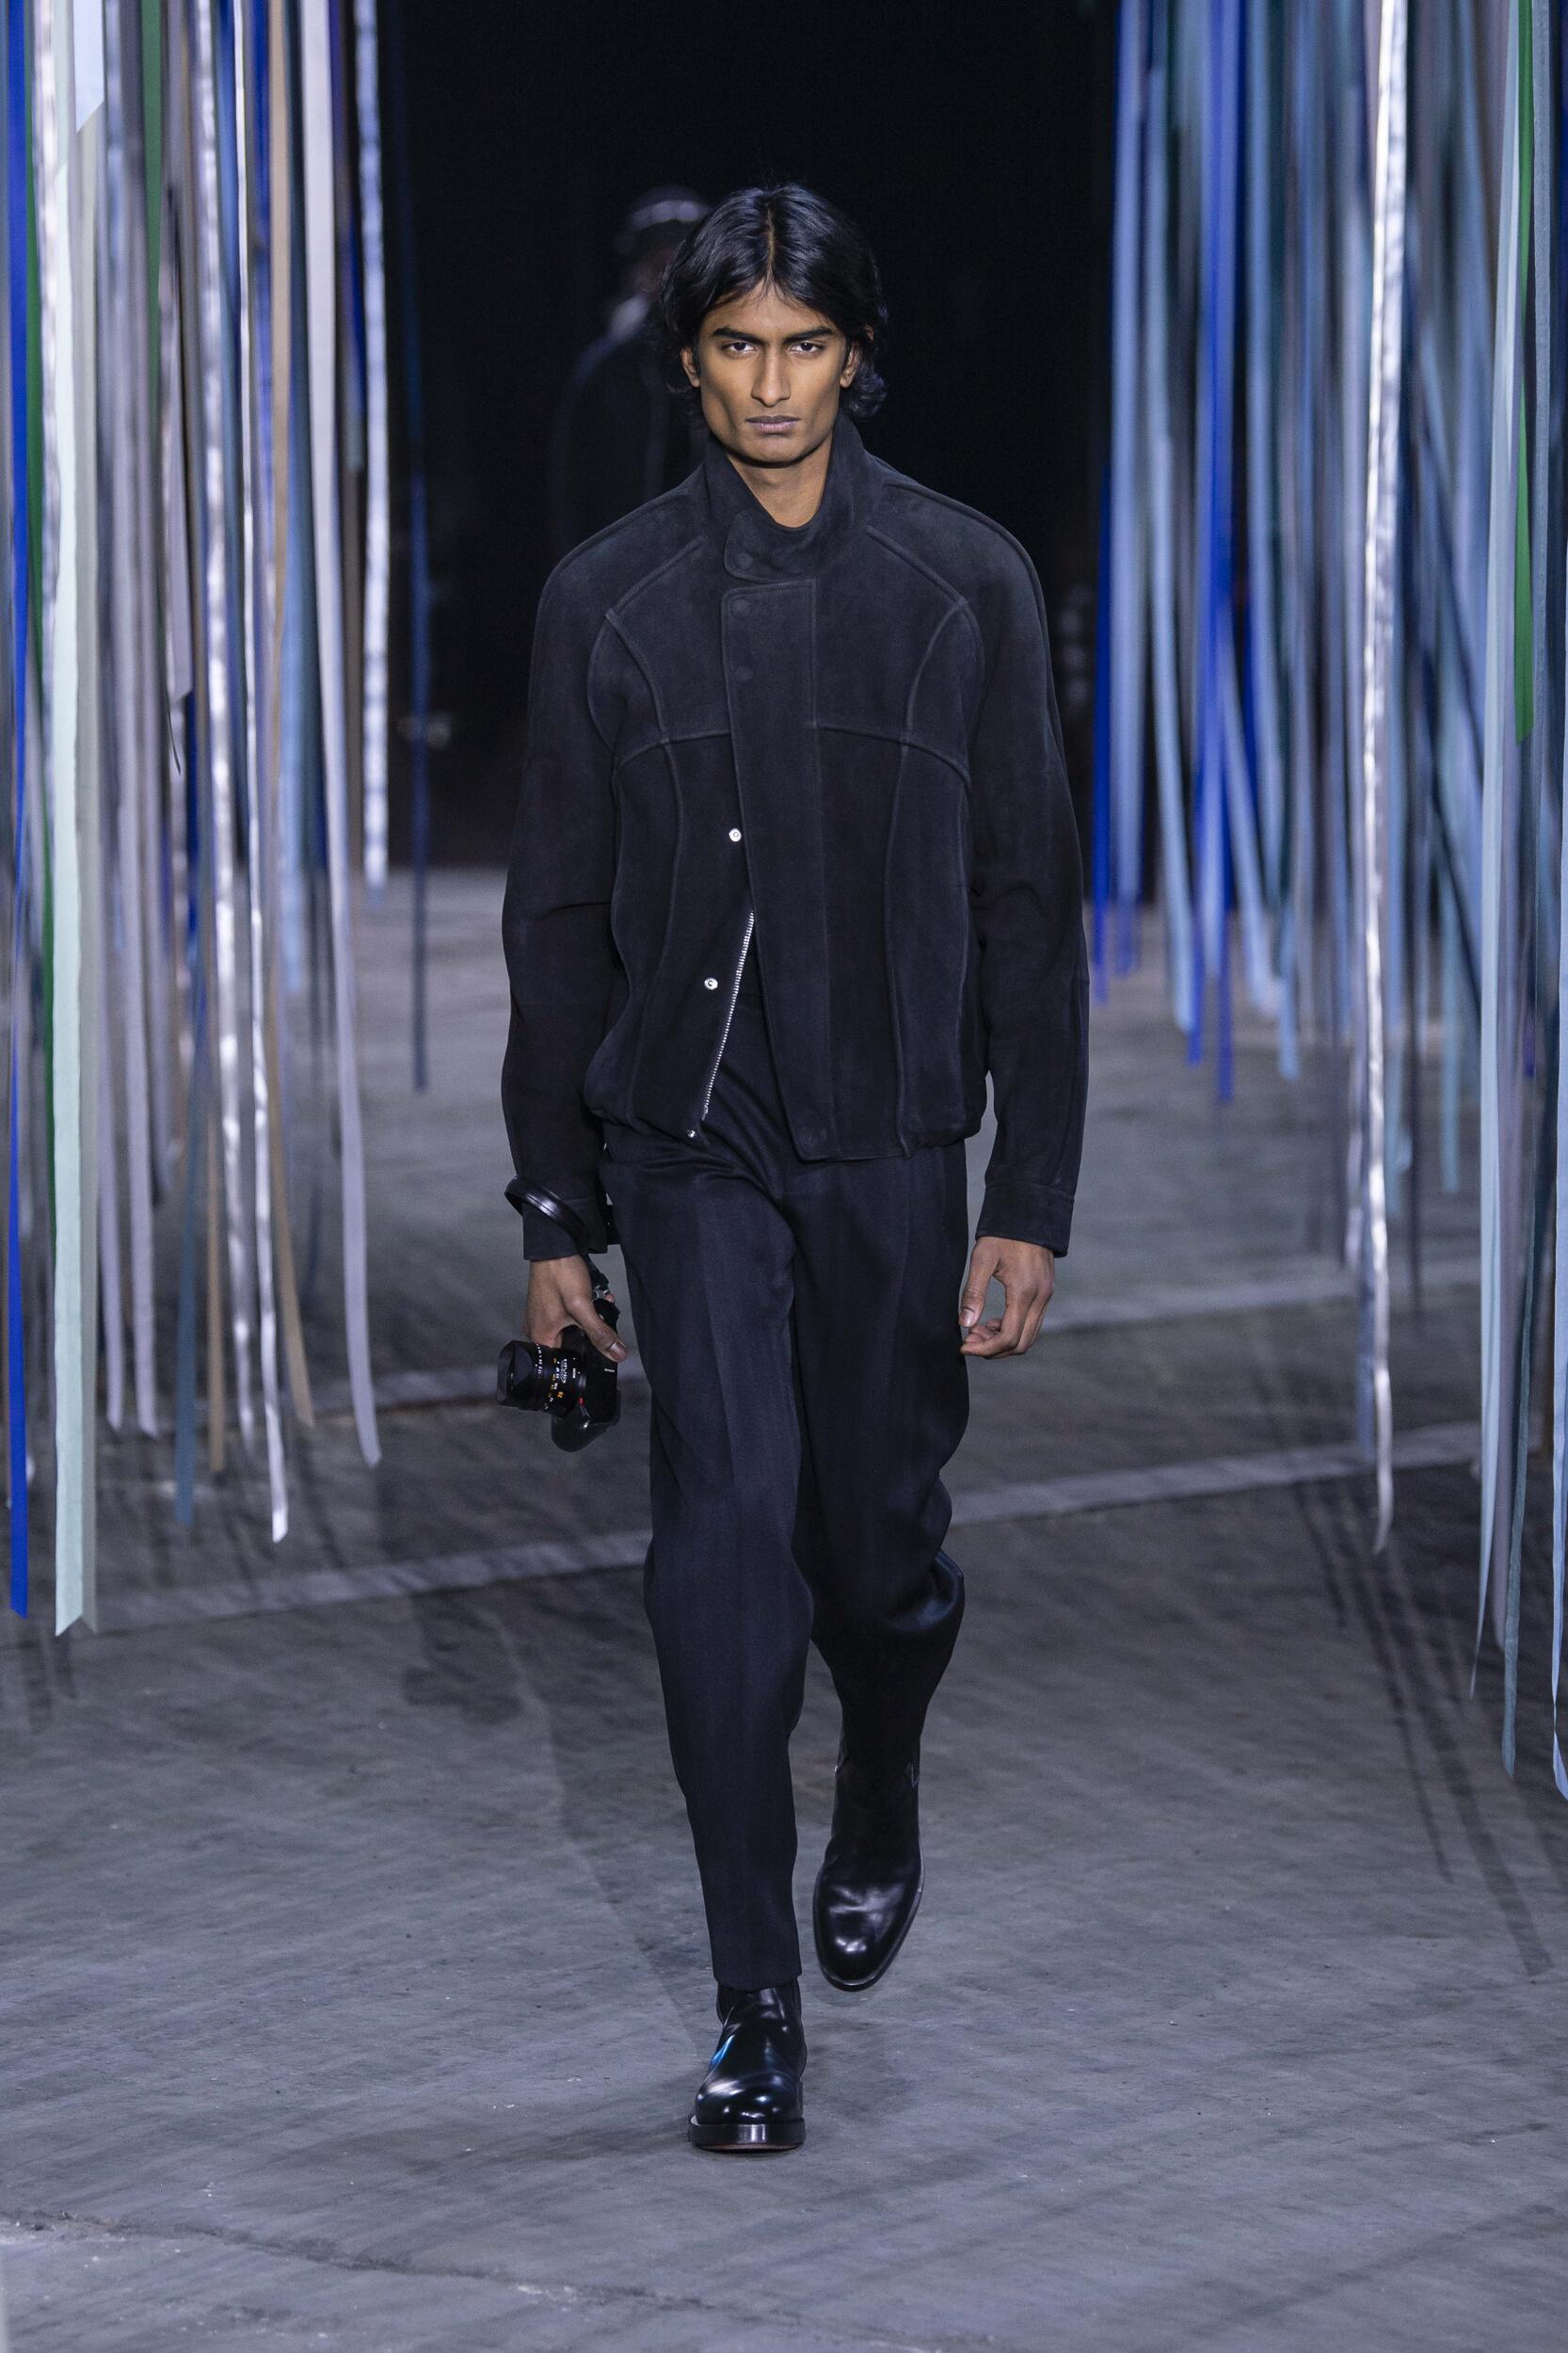 Fall Winter Fashion Trends 2020 Ermenegildo Zegna XXX